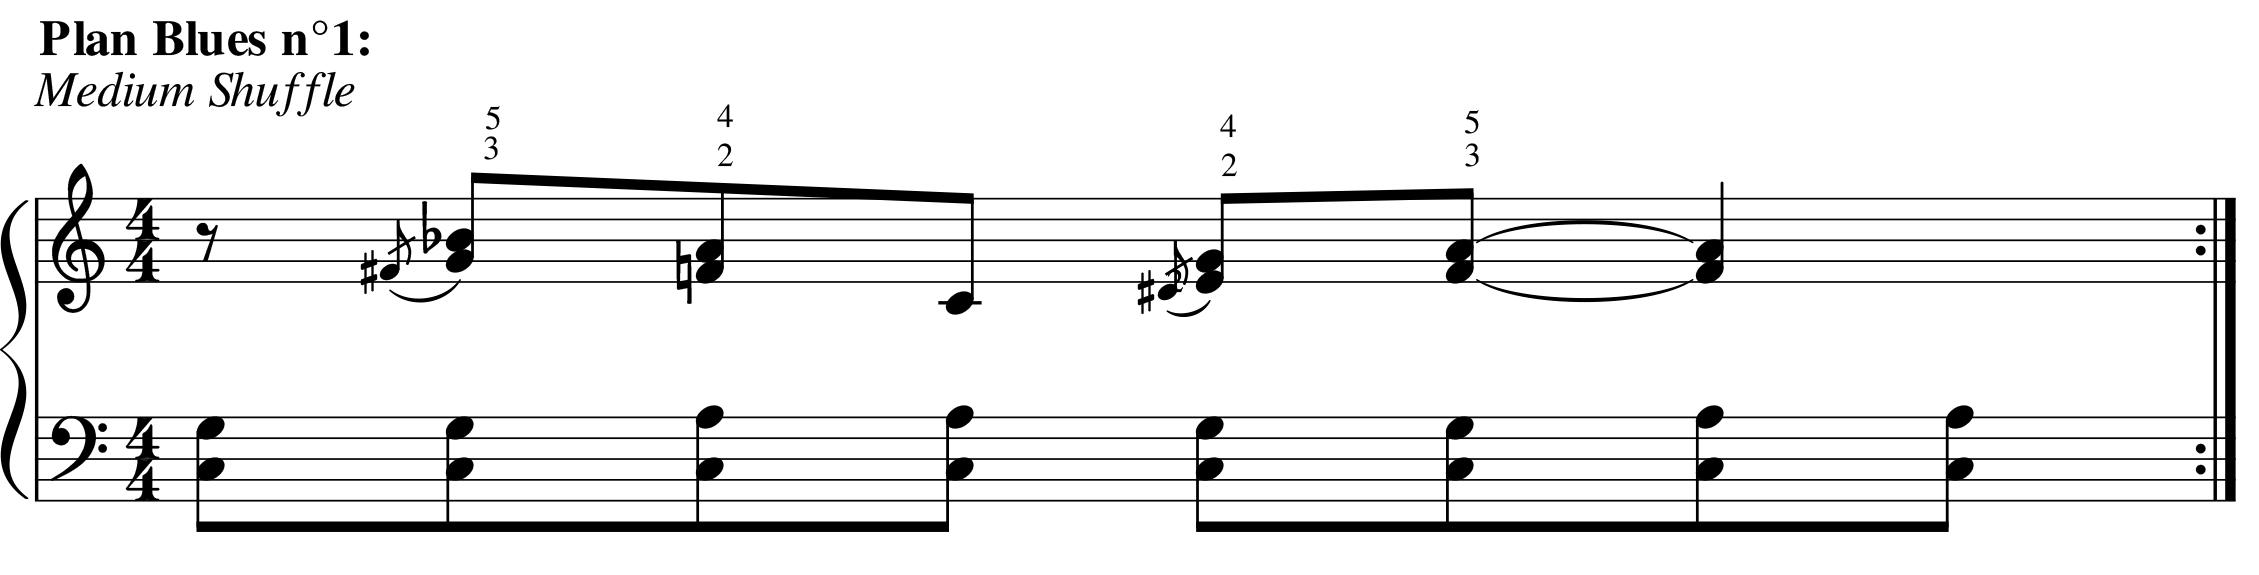 plan-blues-1-shuffle